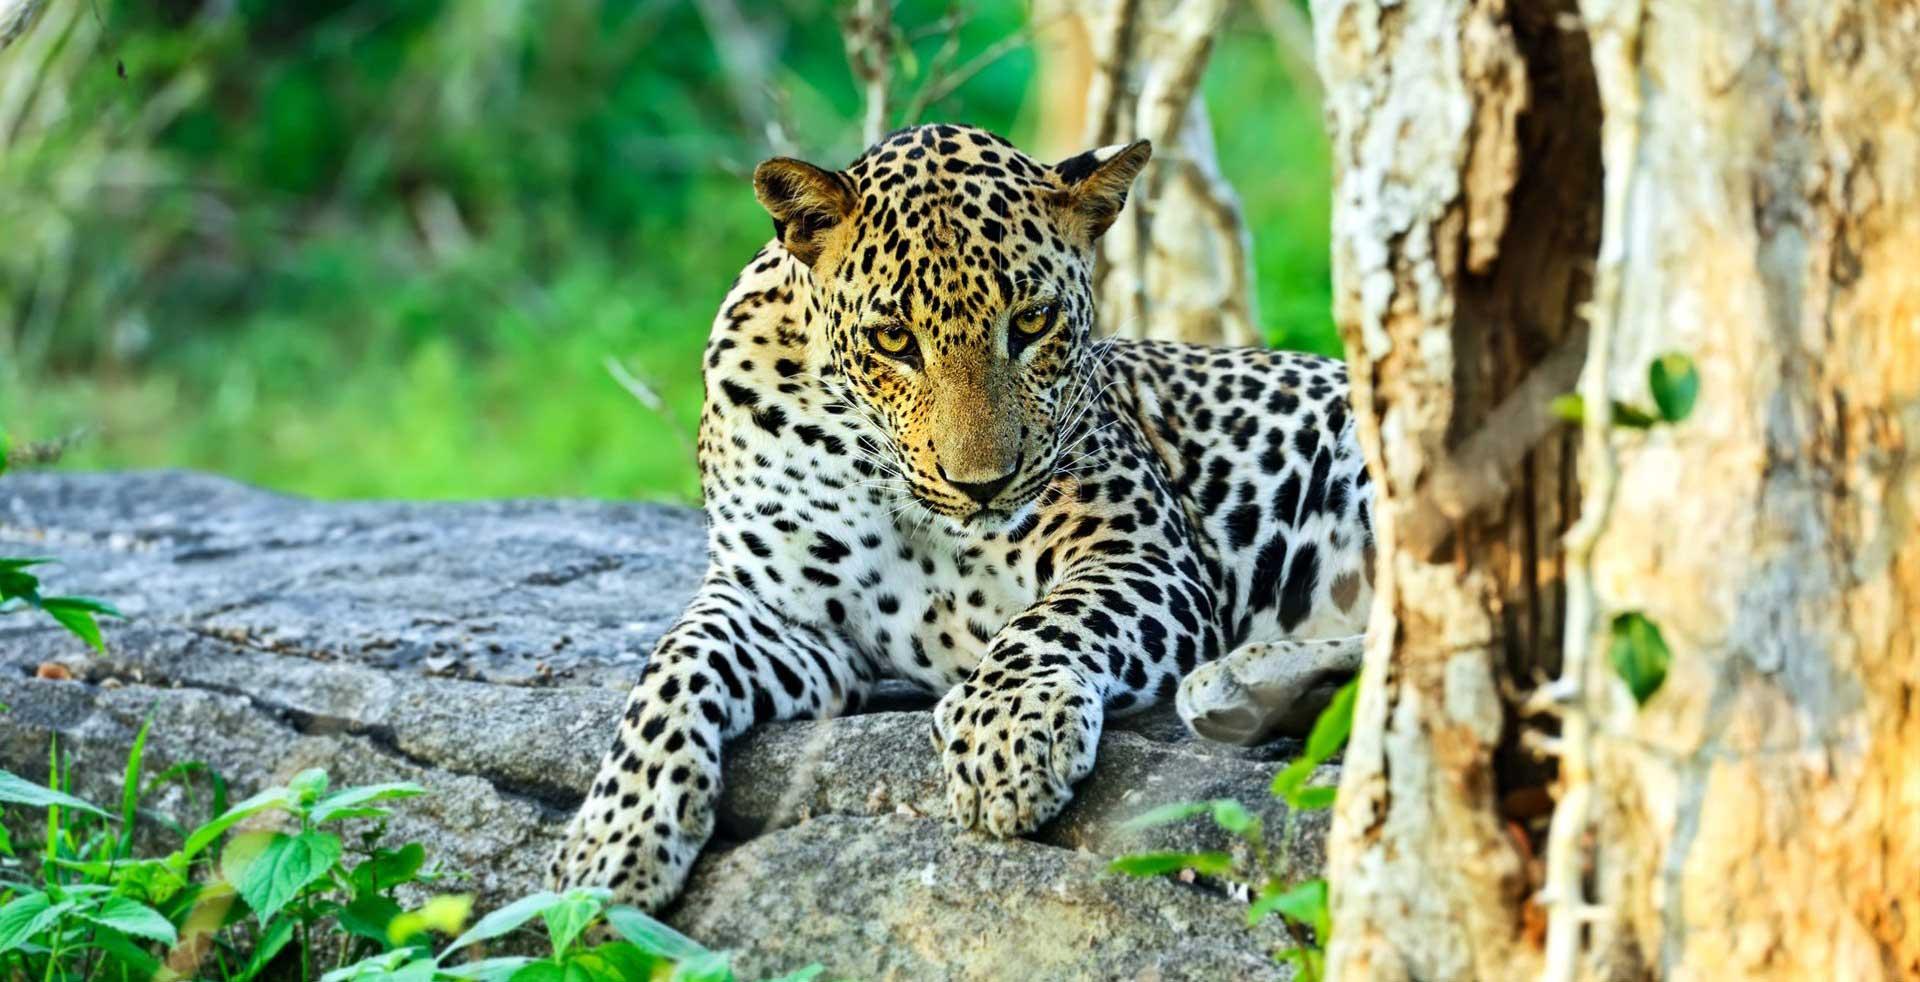 asian-leopard-yala-national-park-sri-lanka